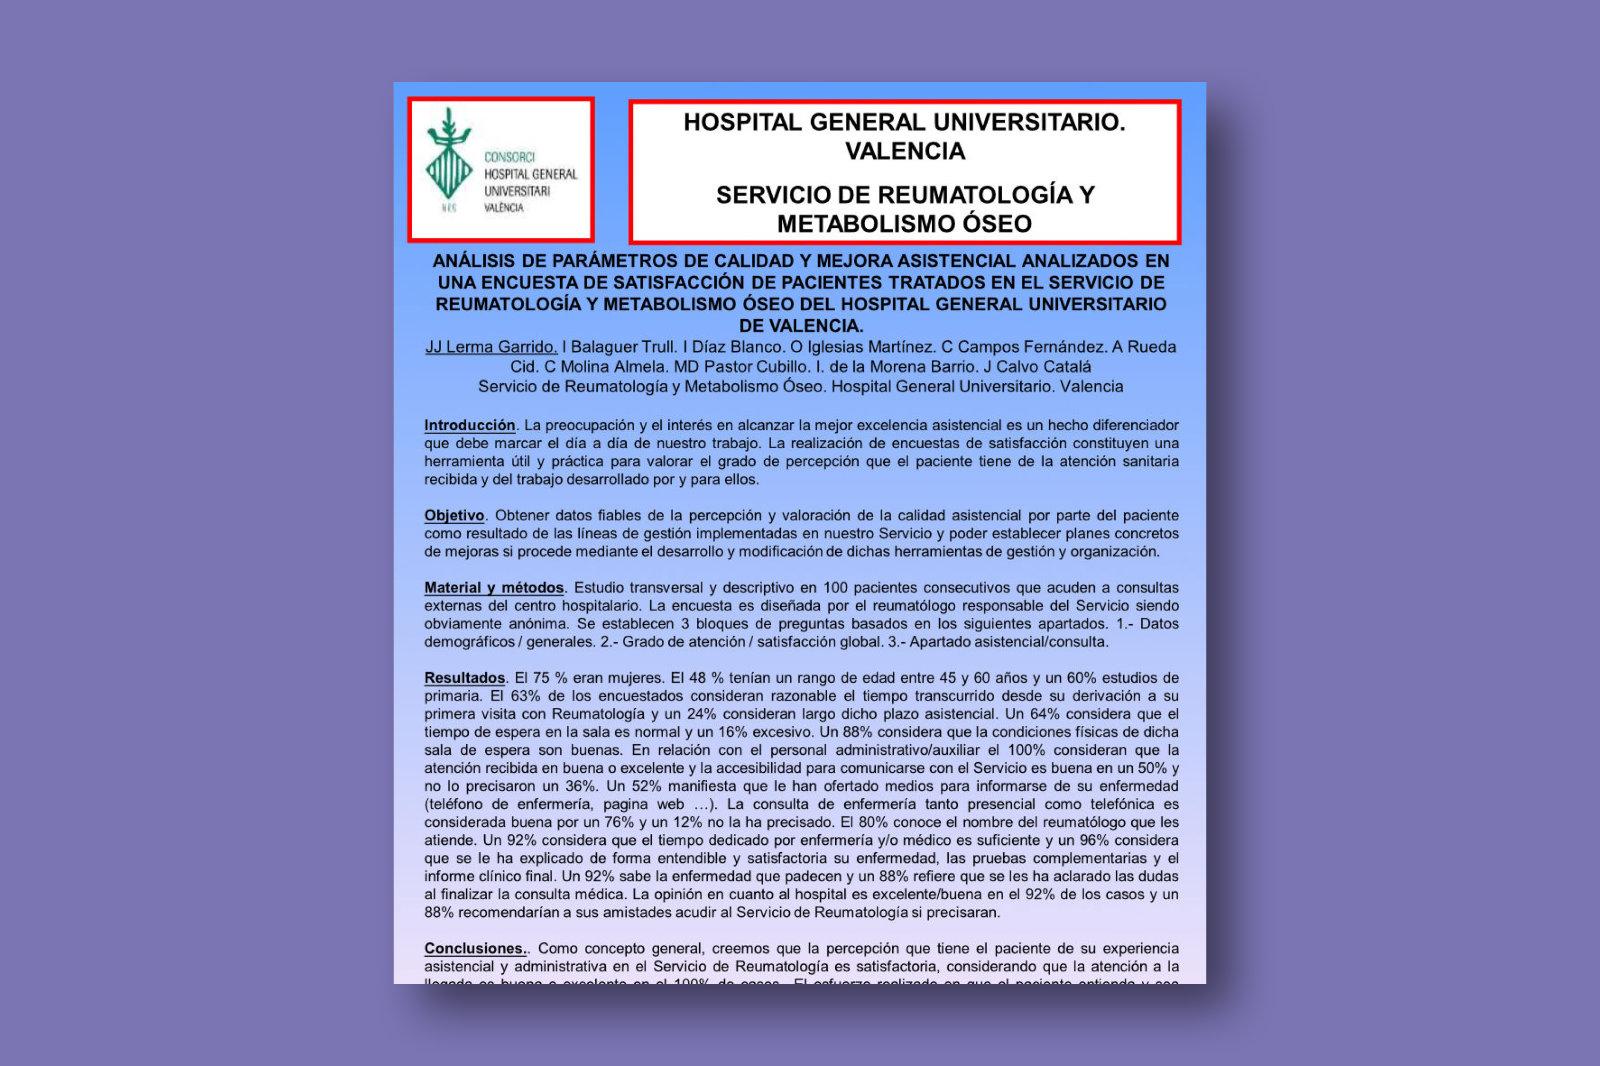 Análisis de parámetros de calidad y mejora asistencial analizados en una encuesta de satisfacción de pacientes tratados en el servicio de Reumatología y Metabolismo Óseo del Hospital General Universitario de Valencia